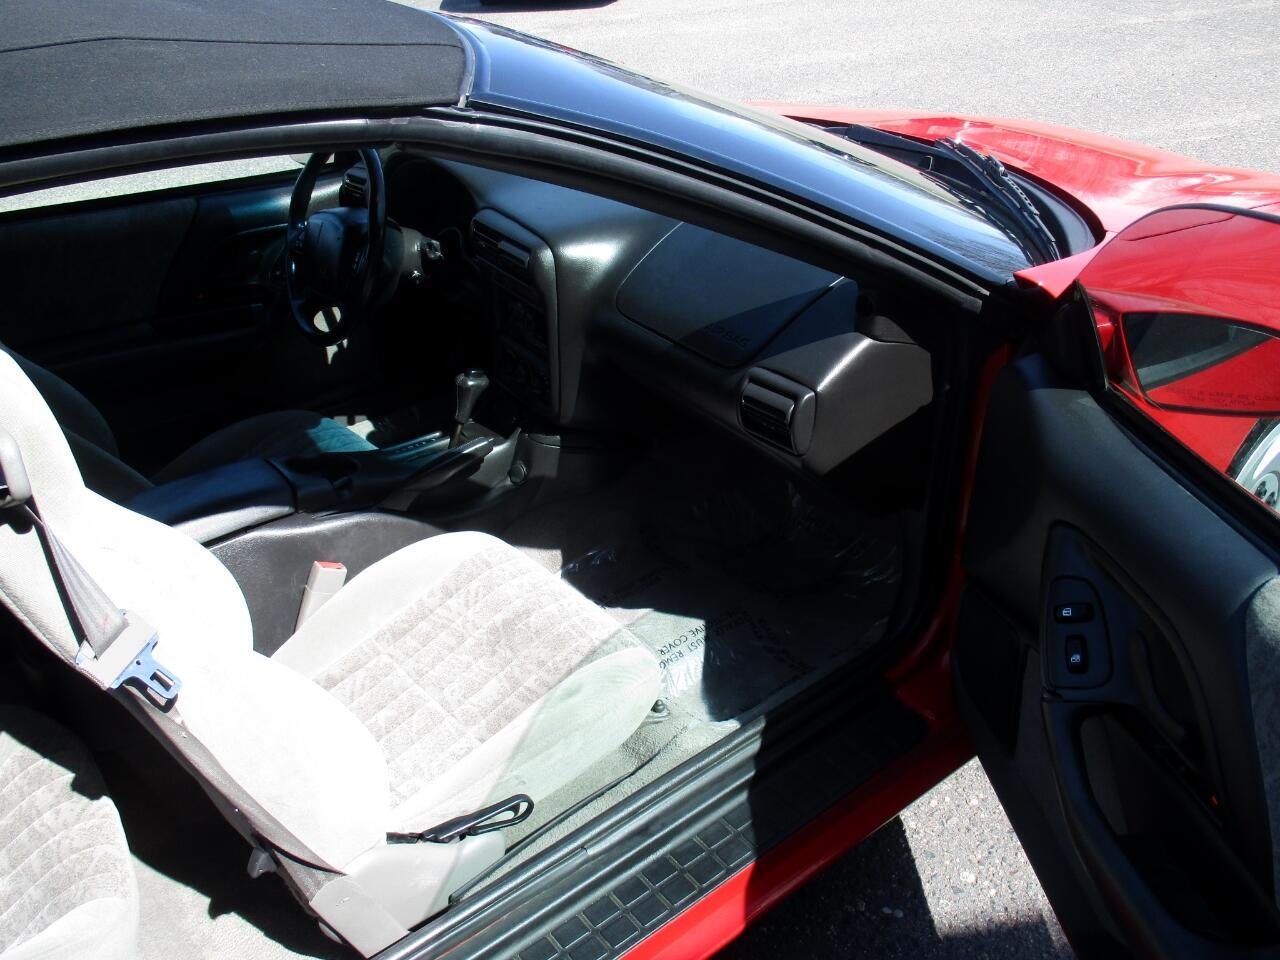 2001 Chevrolet Camaro 2dr Convertible